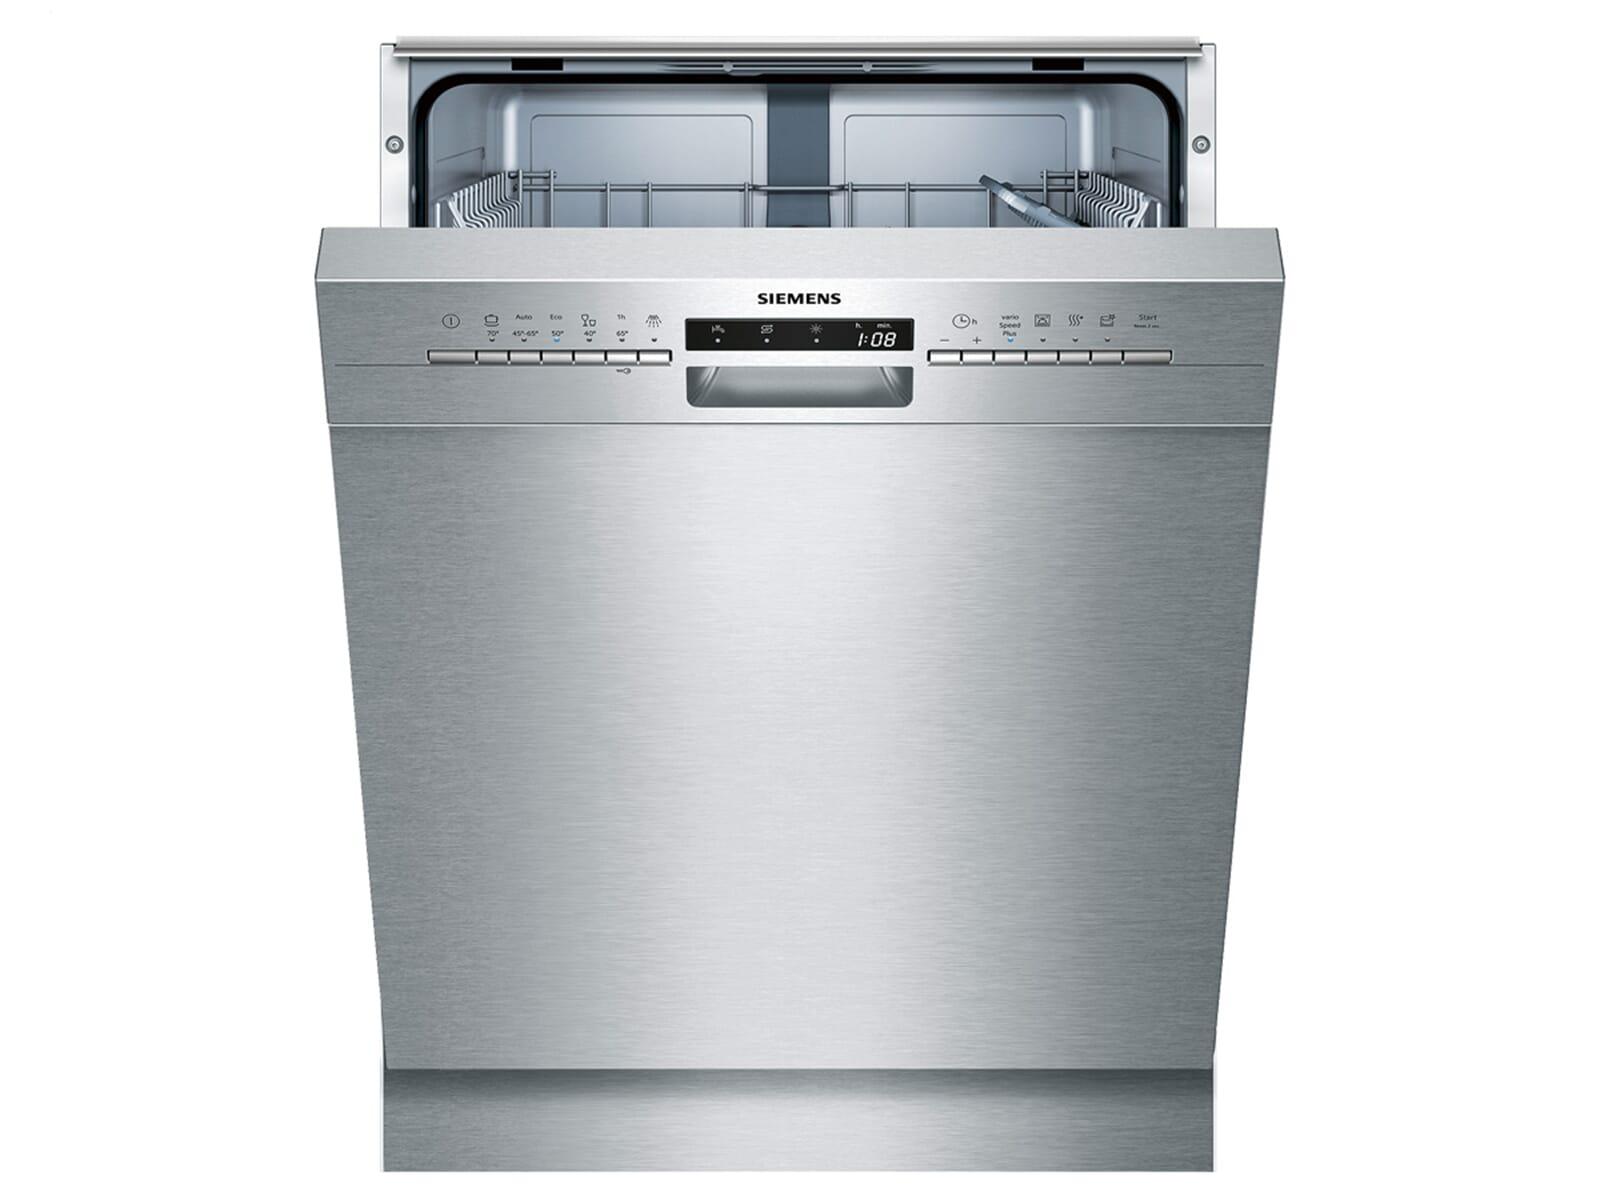 Siemens Kühlschrank Unterschiede : Siemens sn436s01ge unterbaugeschirrspüler